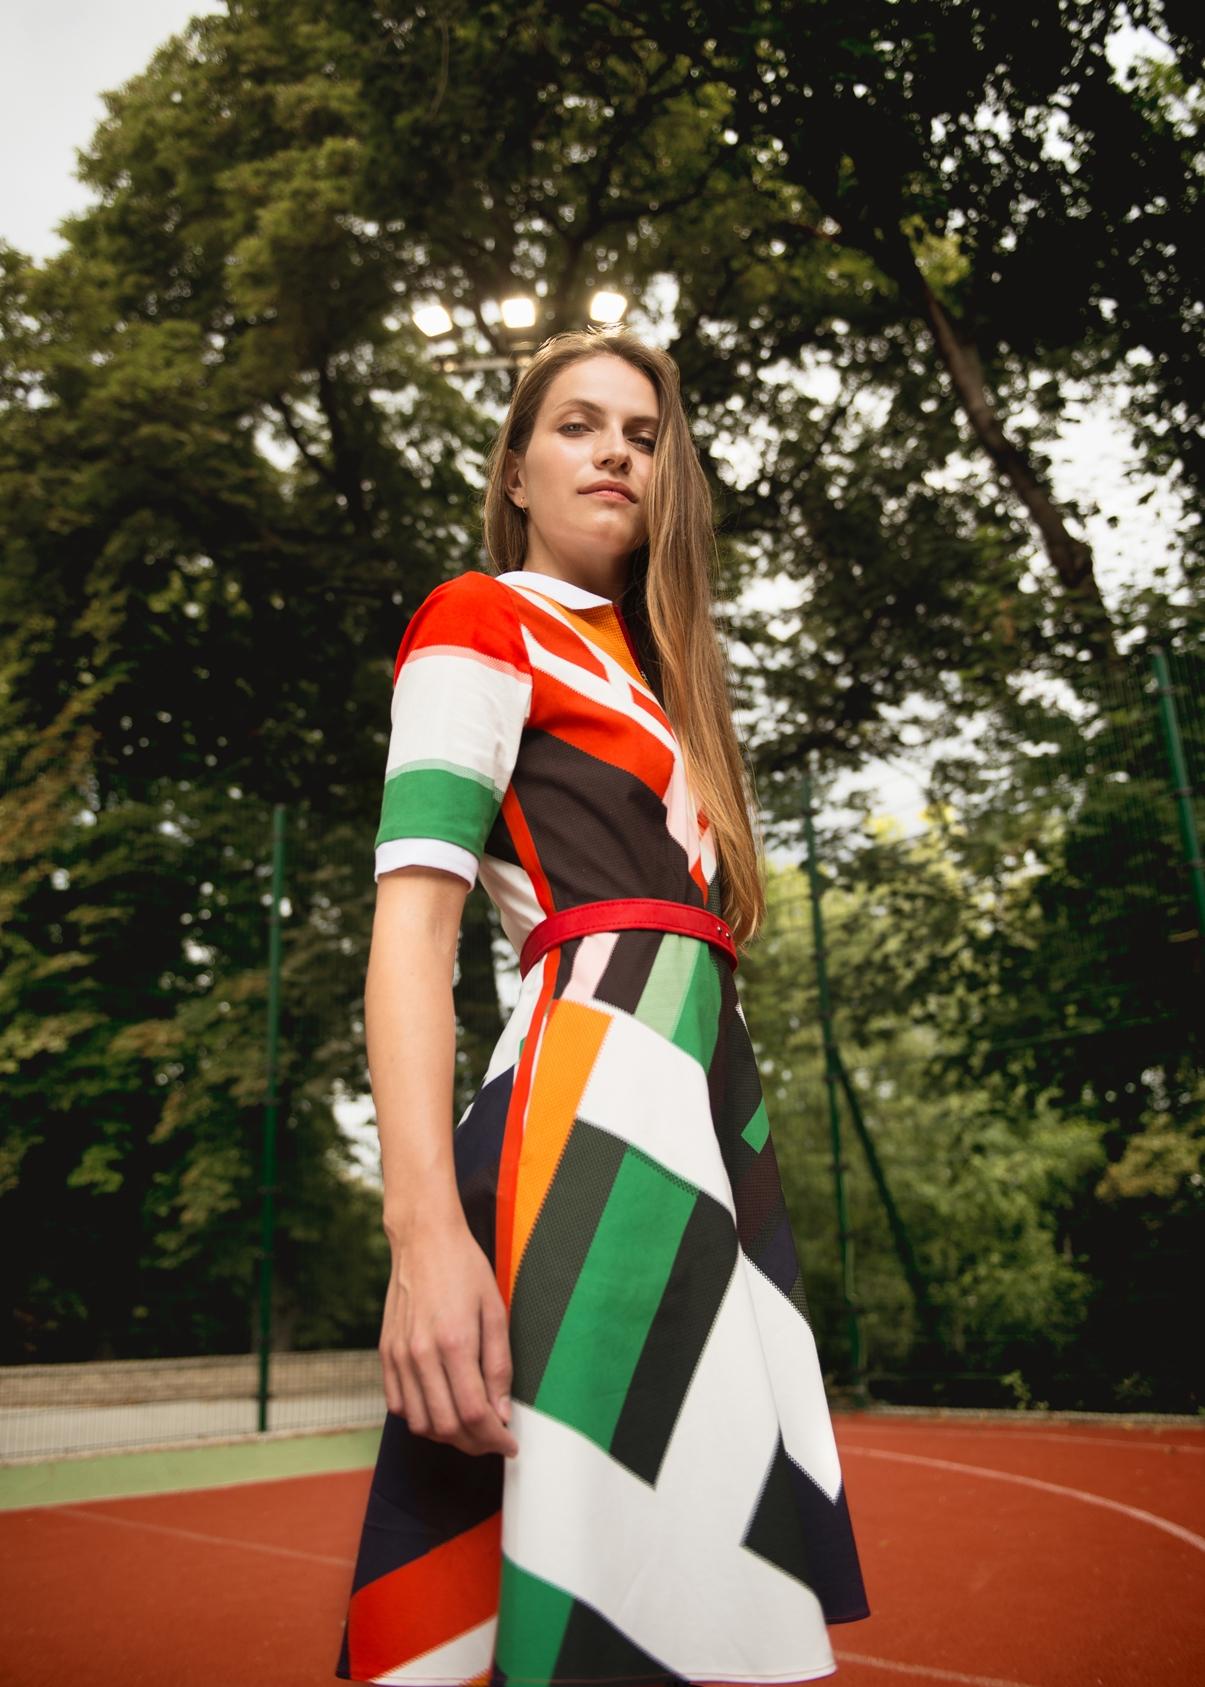 A Tomcsanyi pályamunkájának tervezéséhez a vintage olimpiai és sport poszterek nyújtották az inspirációt.